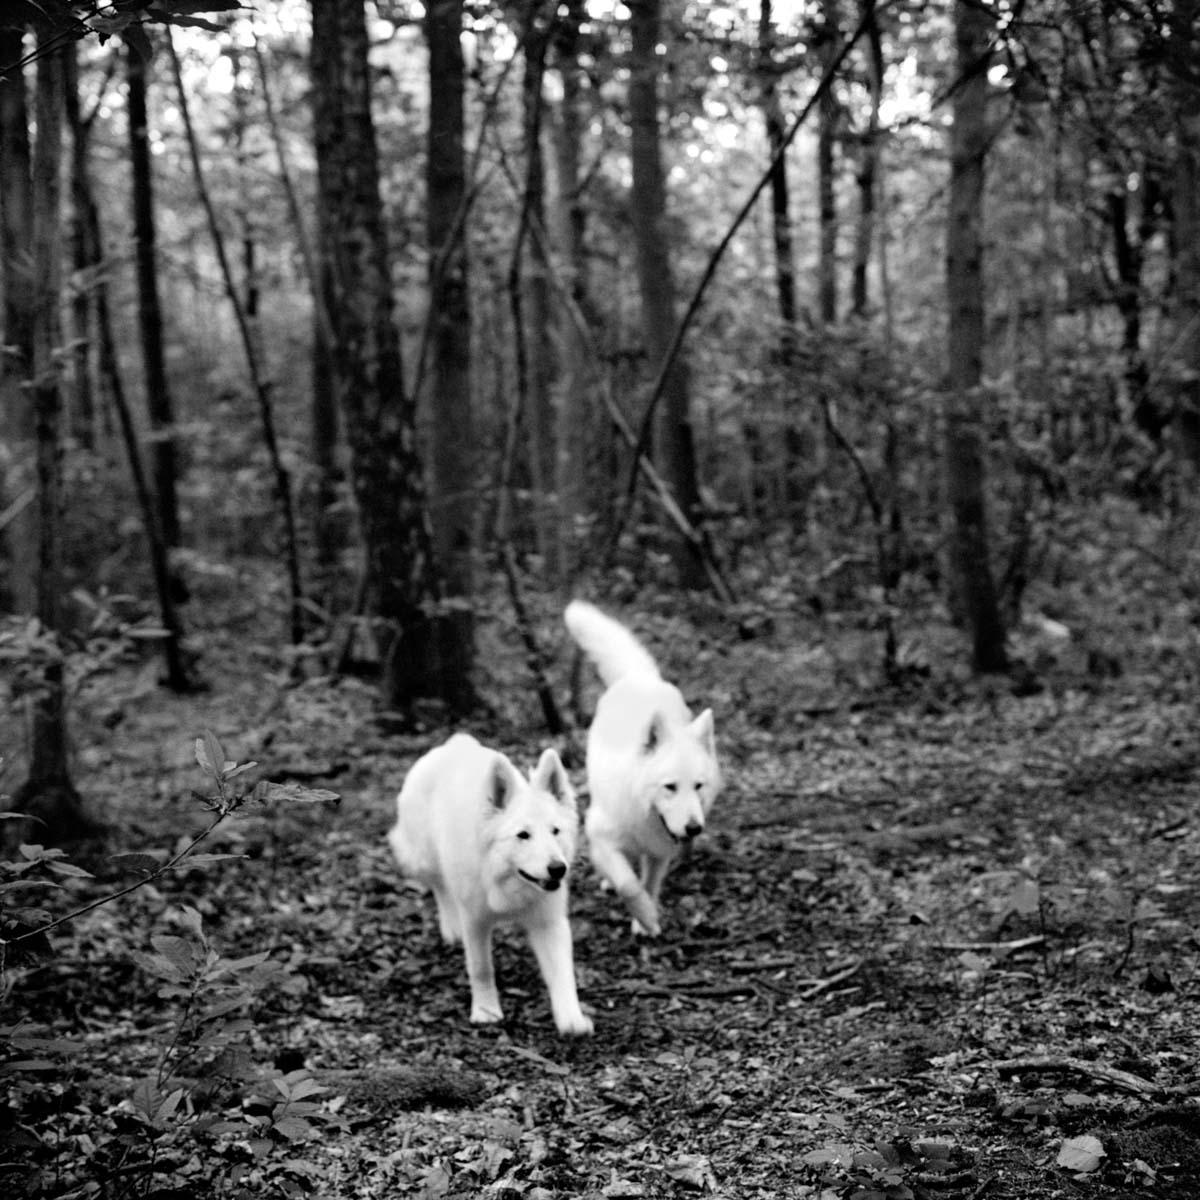 The-Forest-Magazine_Linda-Tuloup_Elisa-Meliani_0002